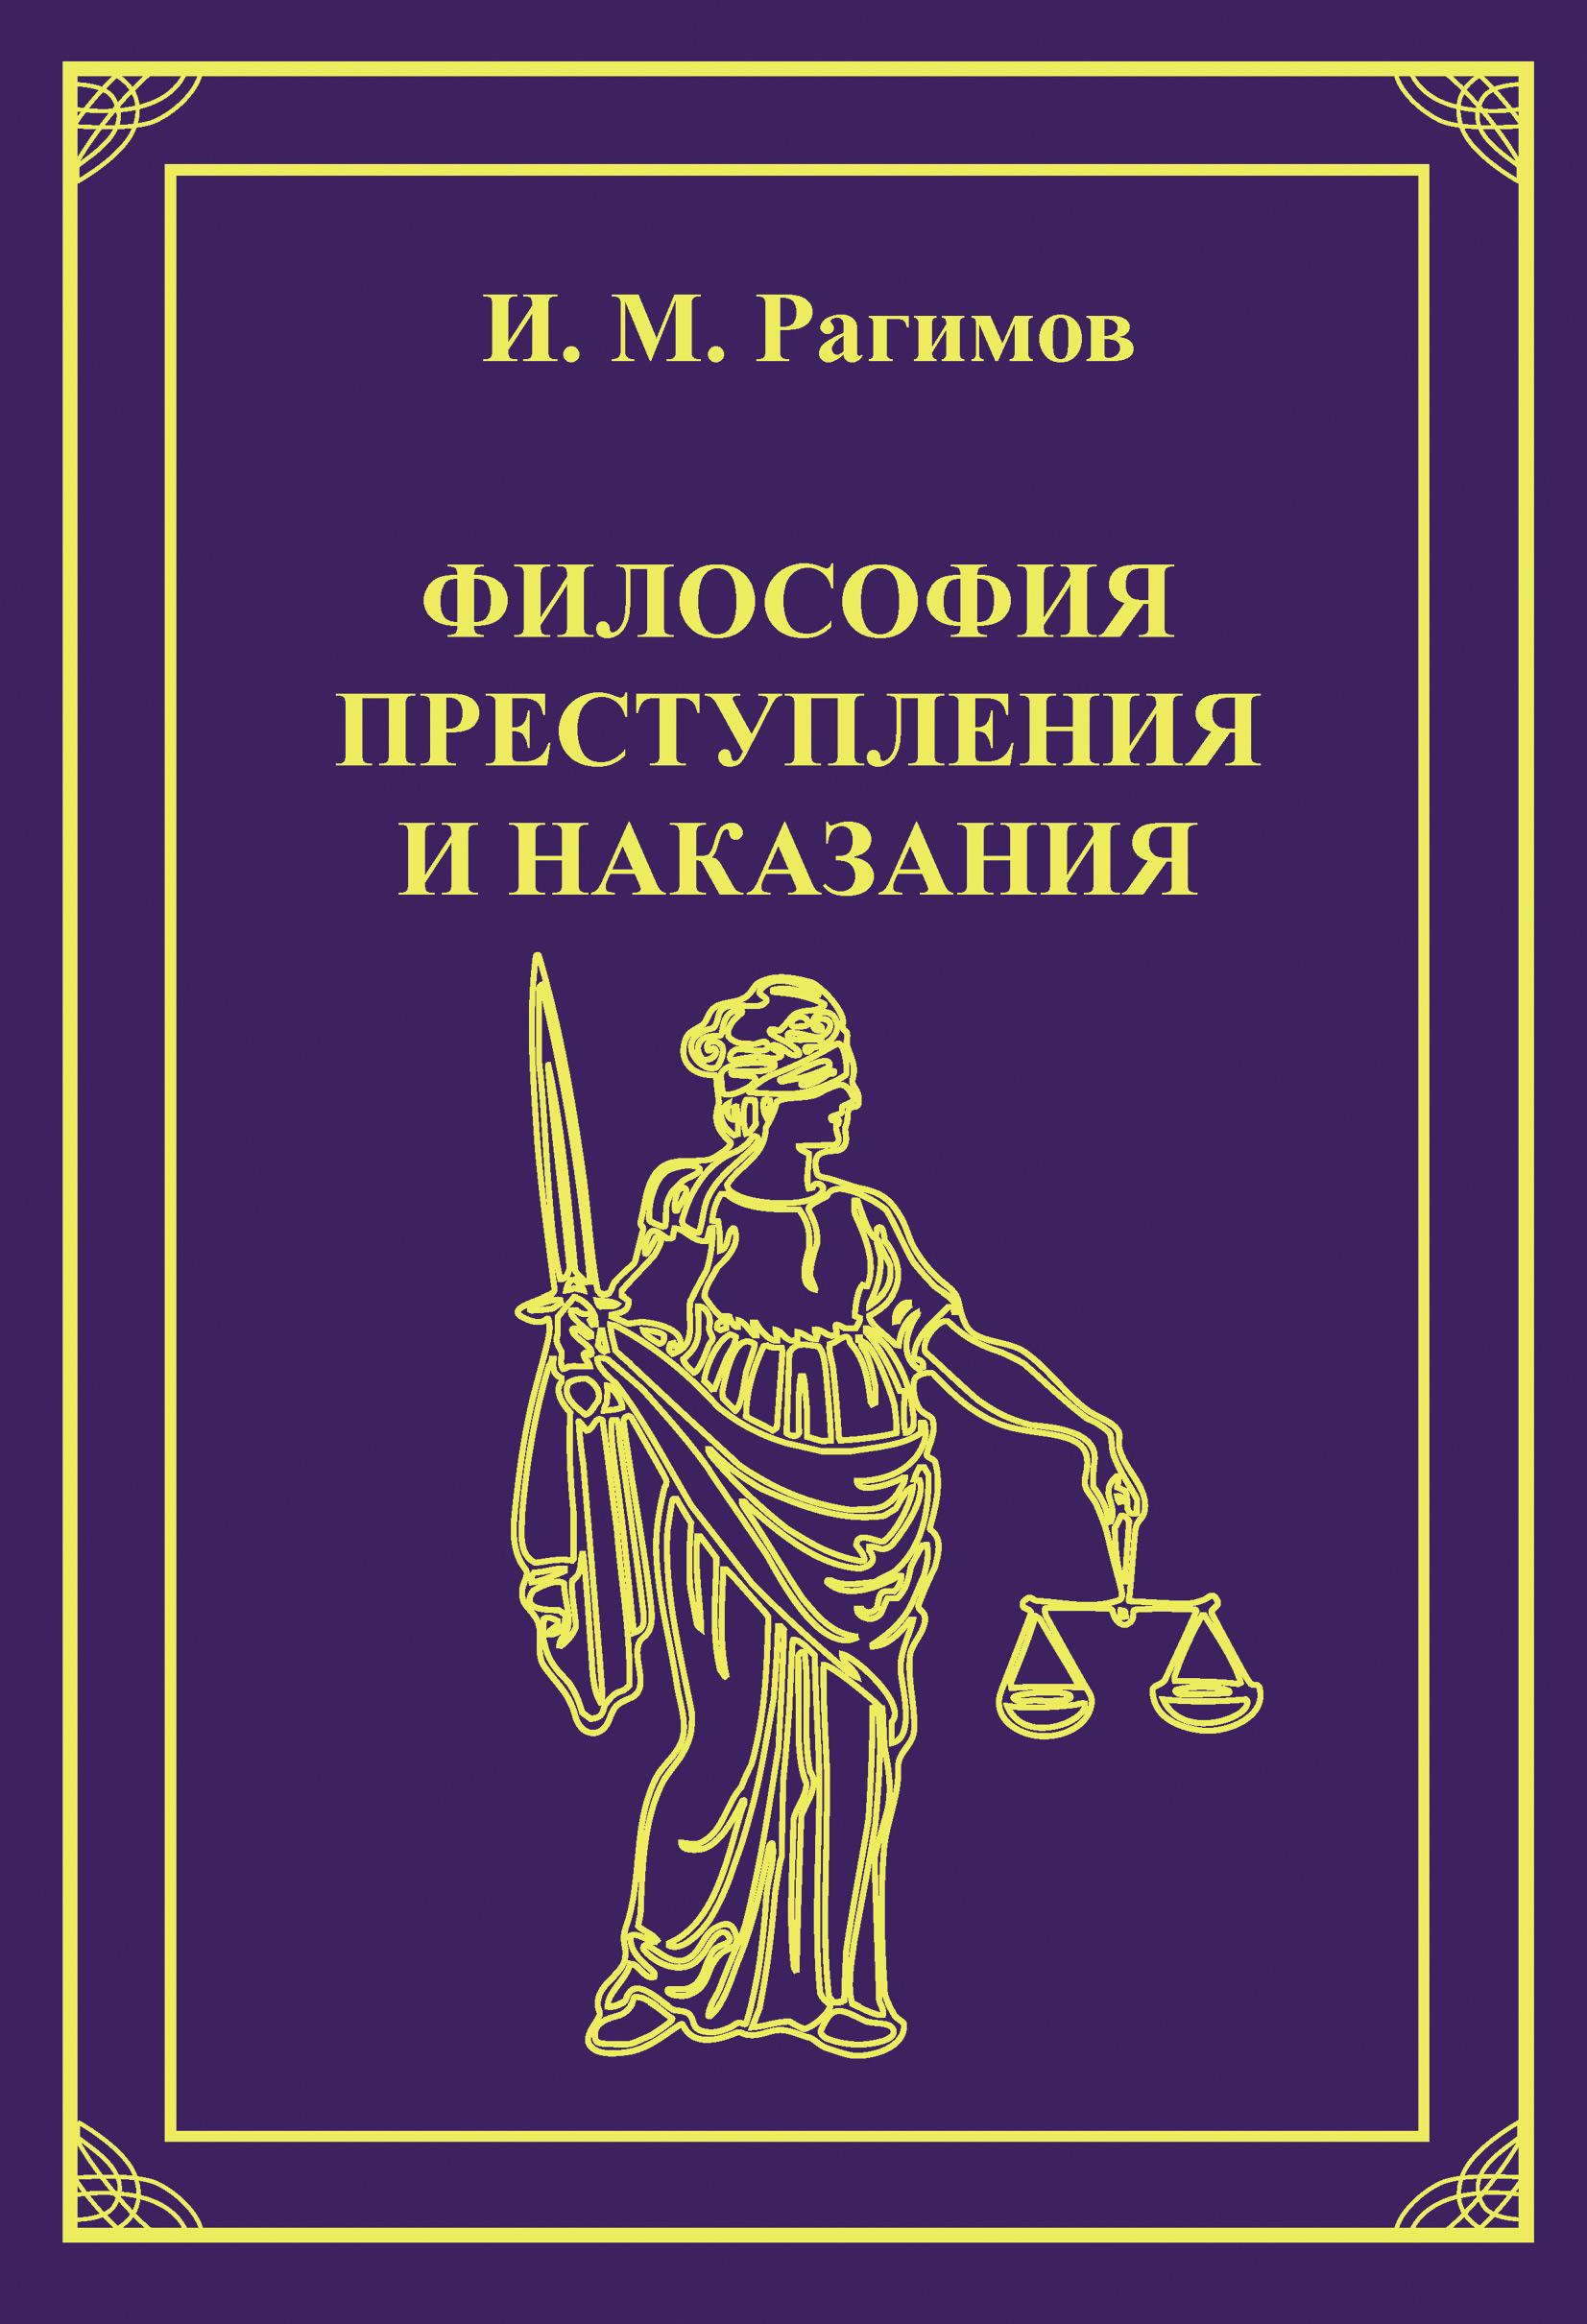 Философия преступления и наказания